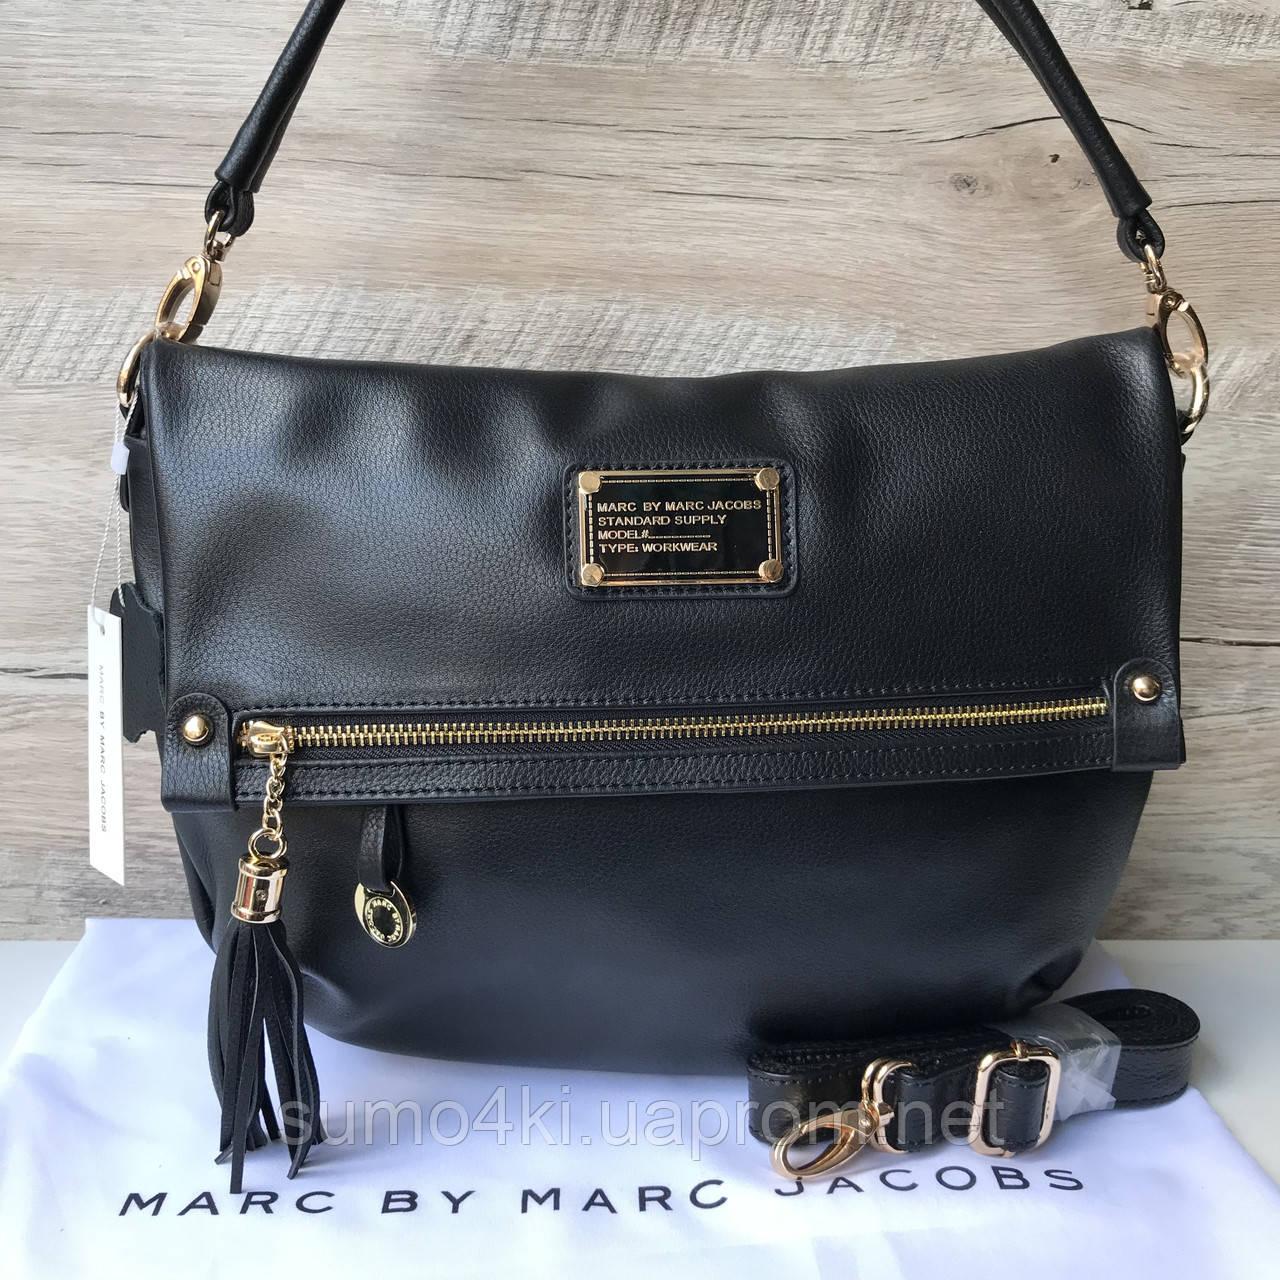 2c8de6802dc0 Женская кожаная сумка Marc Jacobs Марк Джейкобс - Интернет-магазин «Галерея  Сумок» в